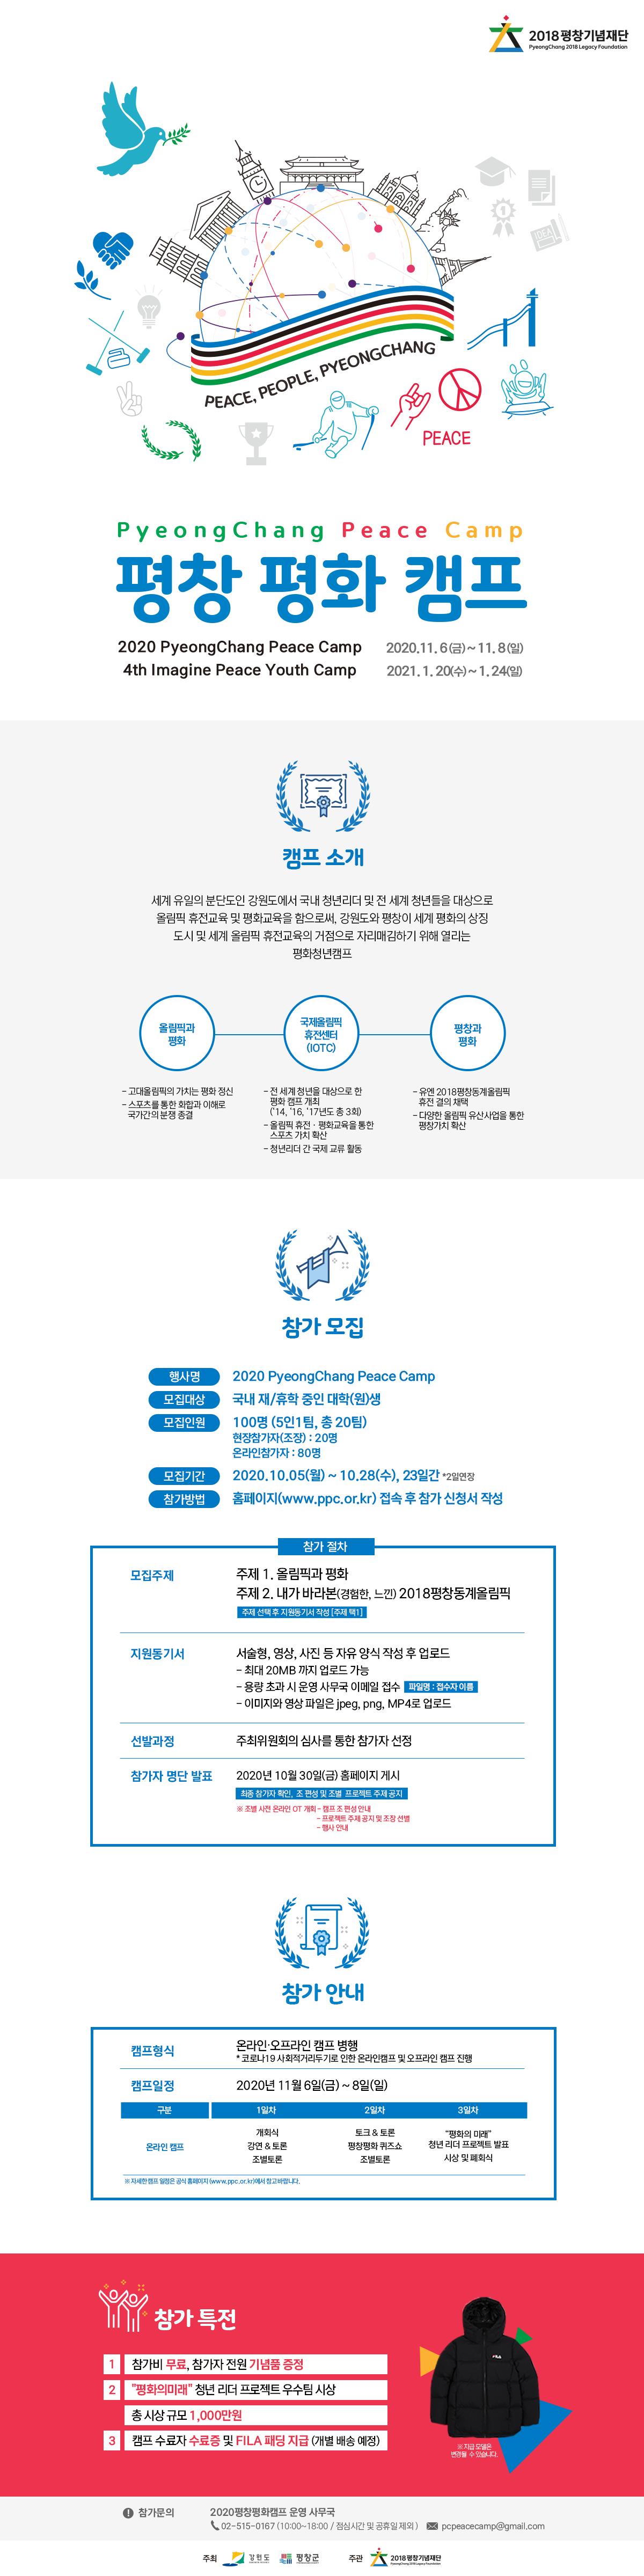 [강원도, 평창군, 2018평창기념재단] 평화의 미래 청년리더 프로젝트 (~10/28)